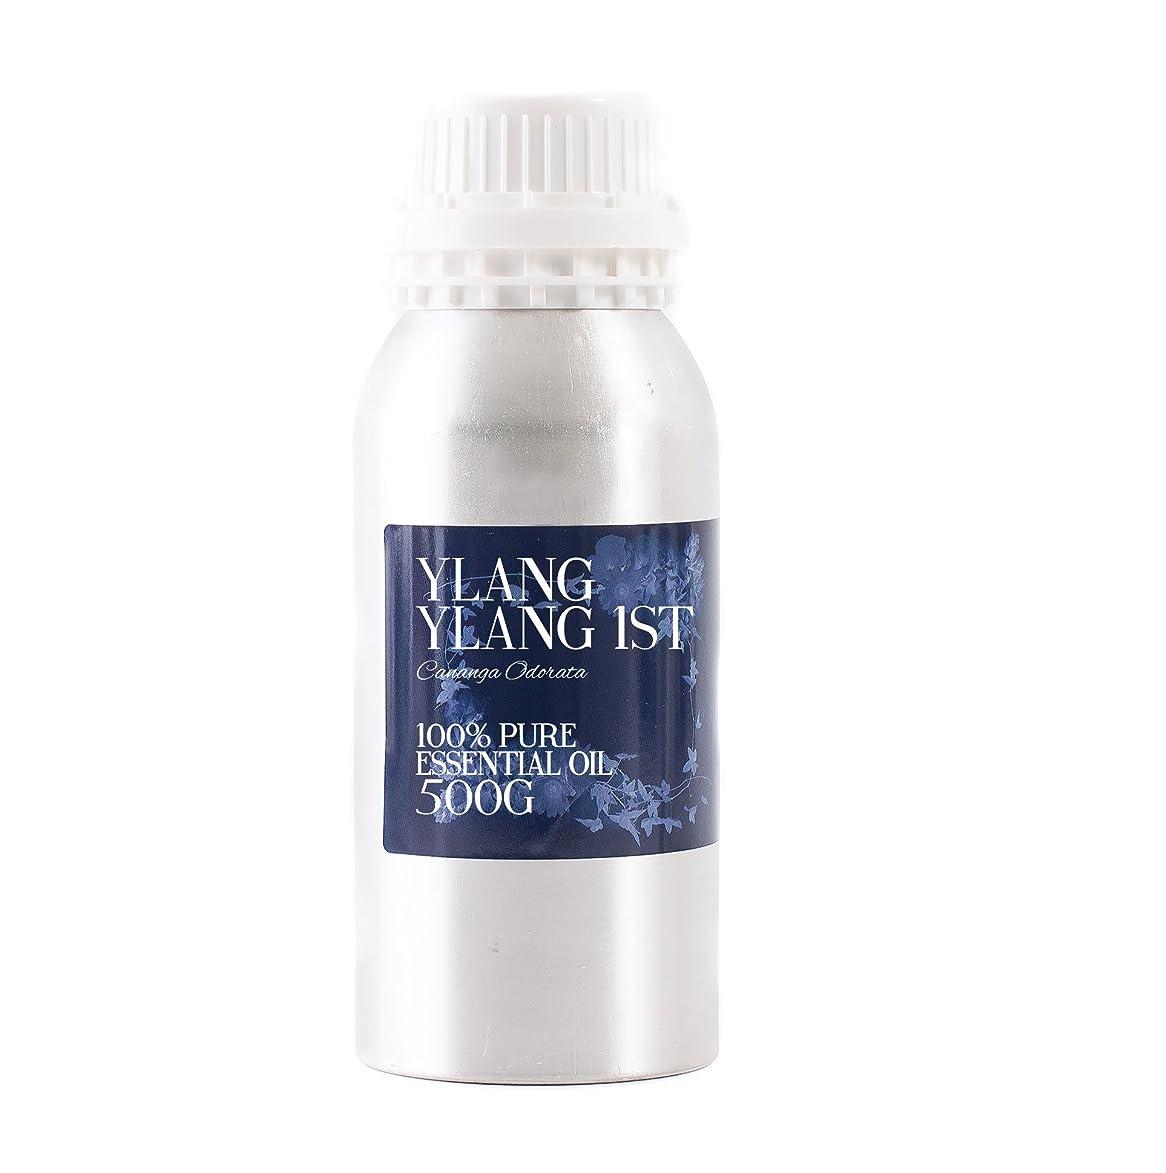 現れるうそつきカウンタMystic Moments | Ylang Ylang 1st Essential Oil - 500g - 100% Pure